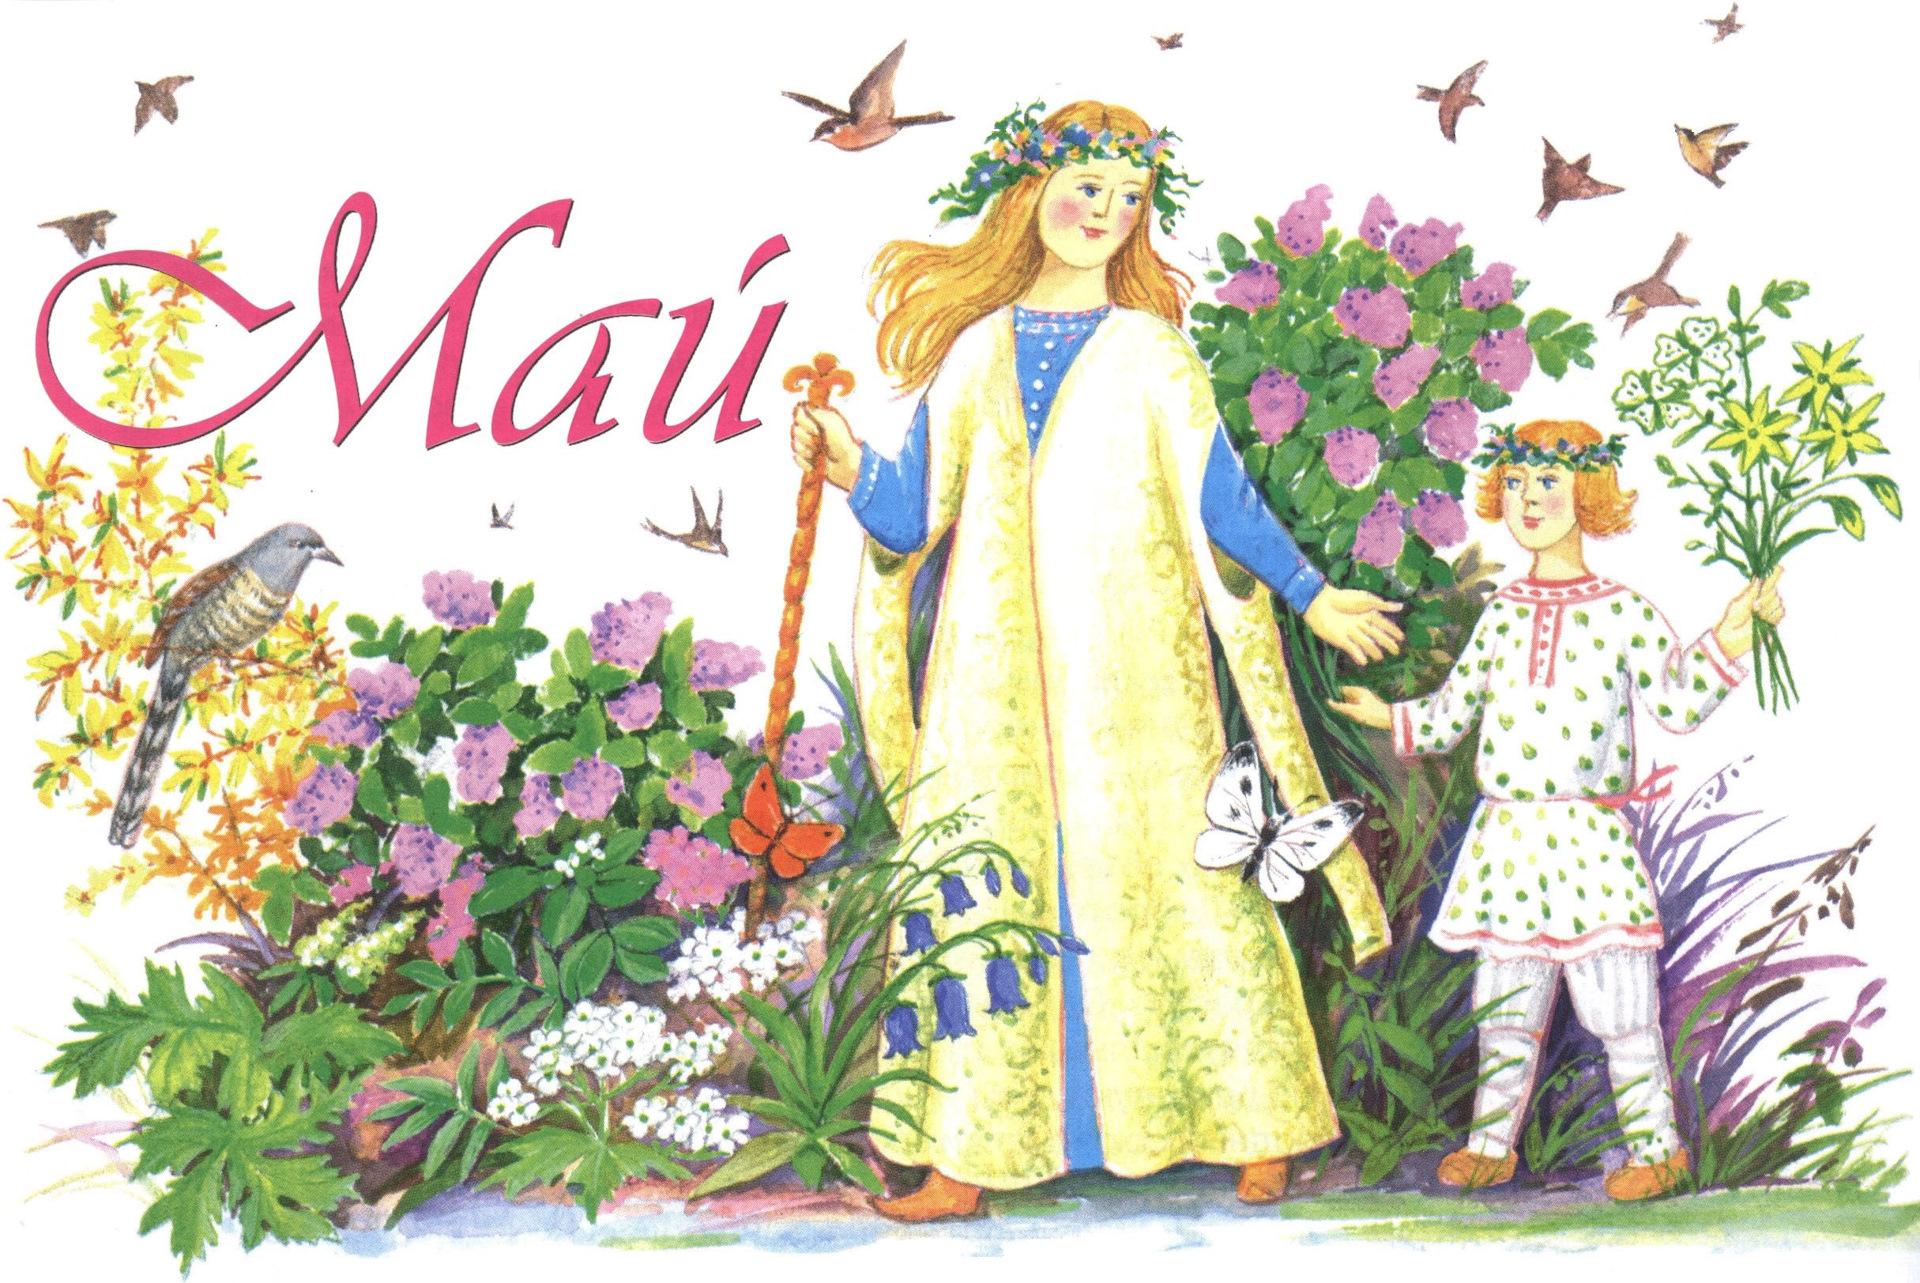 Картинки май месяц с надписью, открытки своими